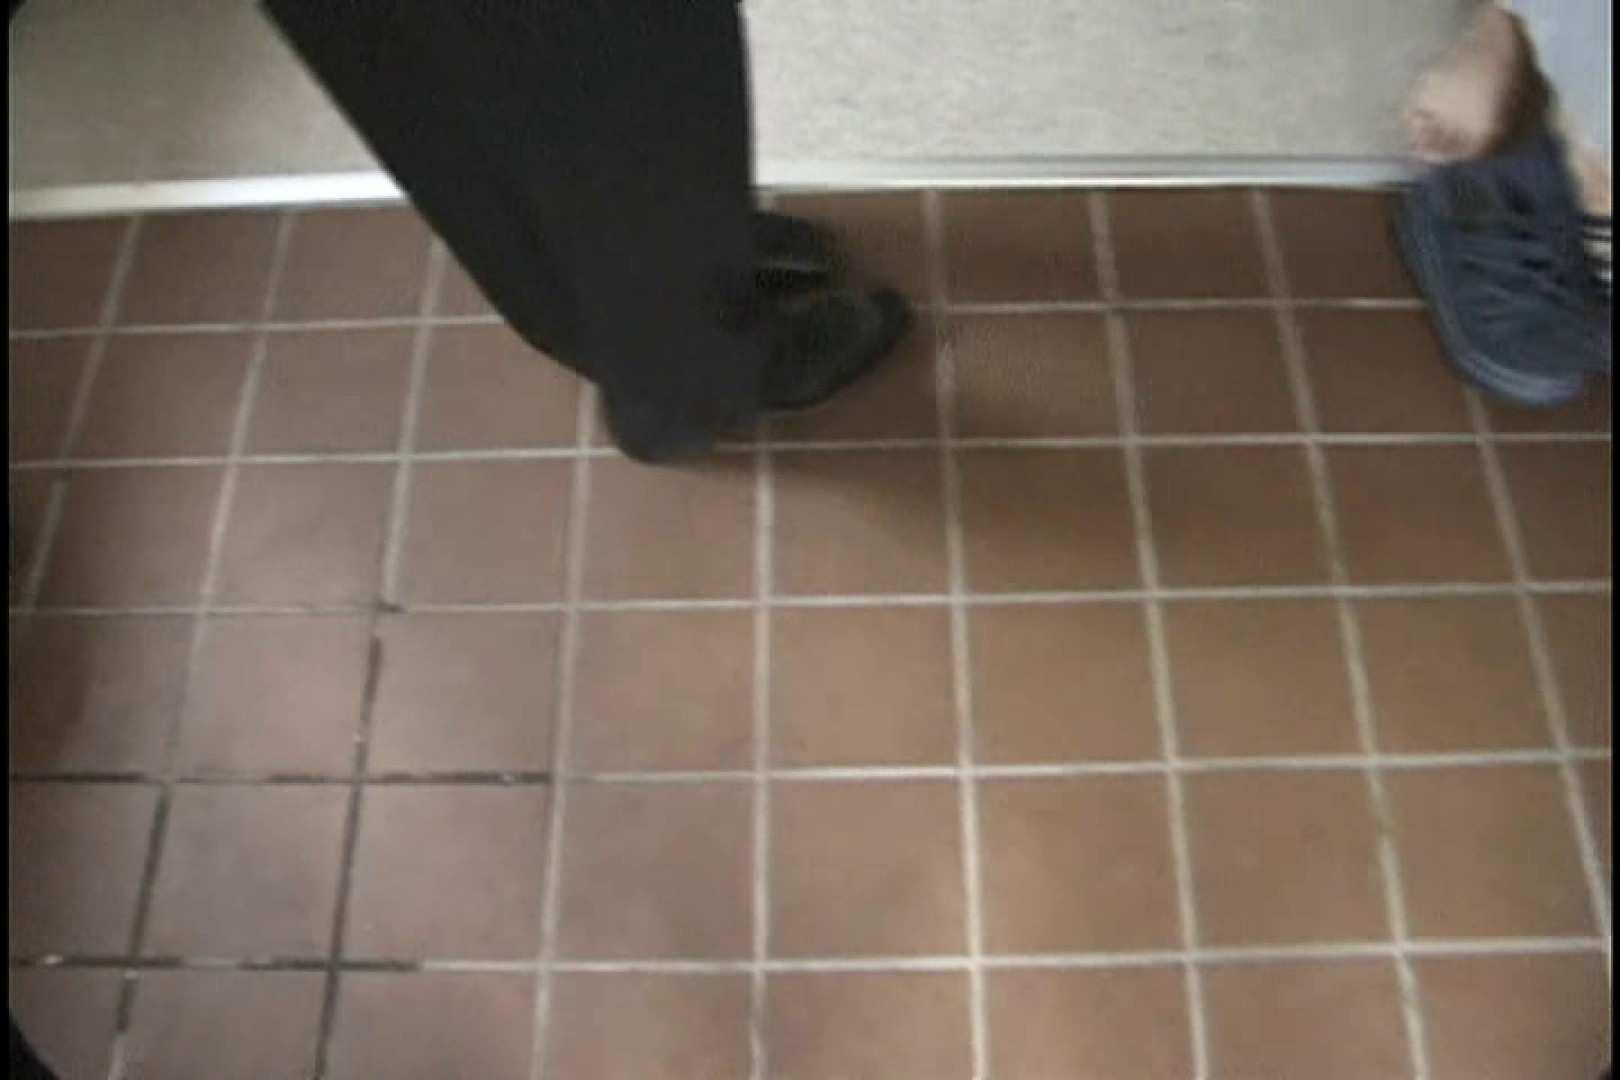 昼間の奥様は欲求不満 ~安田弘美~ ギャル達のSEX | 人妻  68画像 14